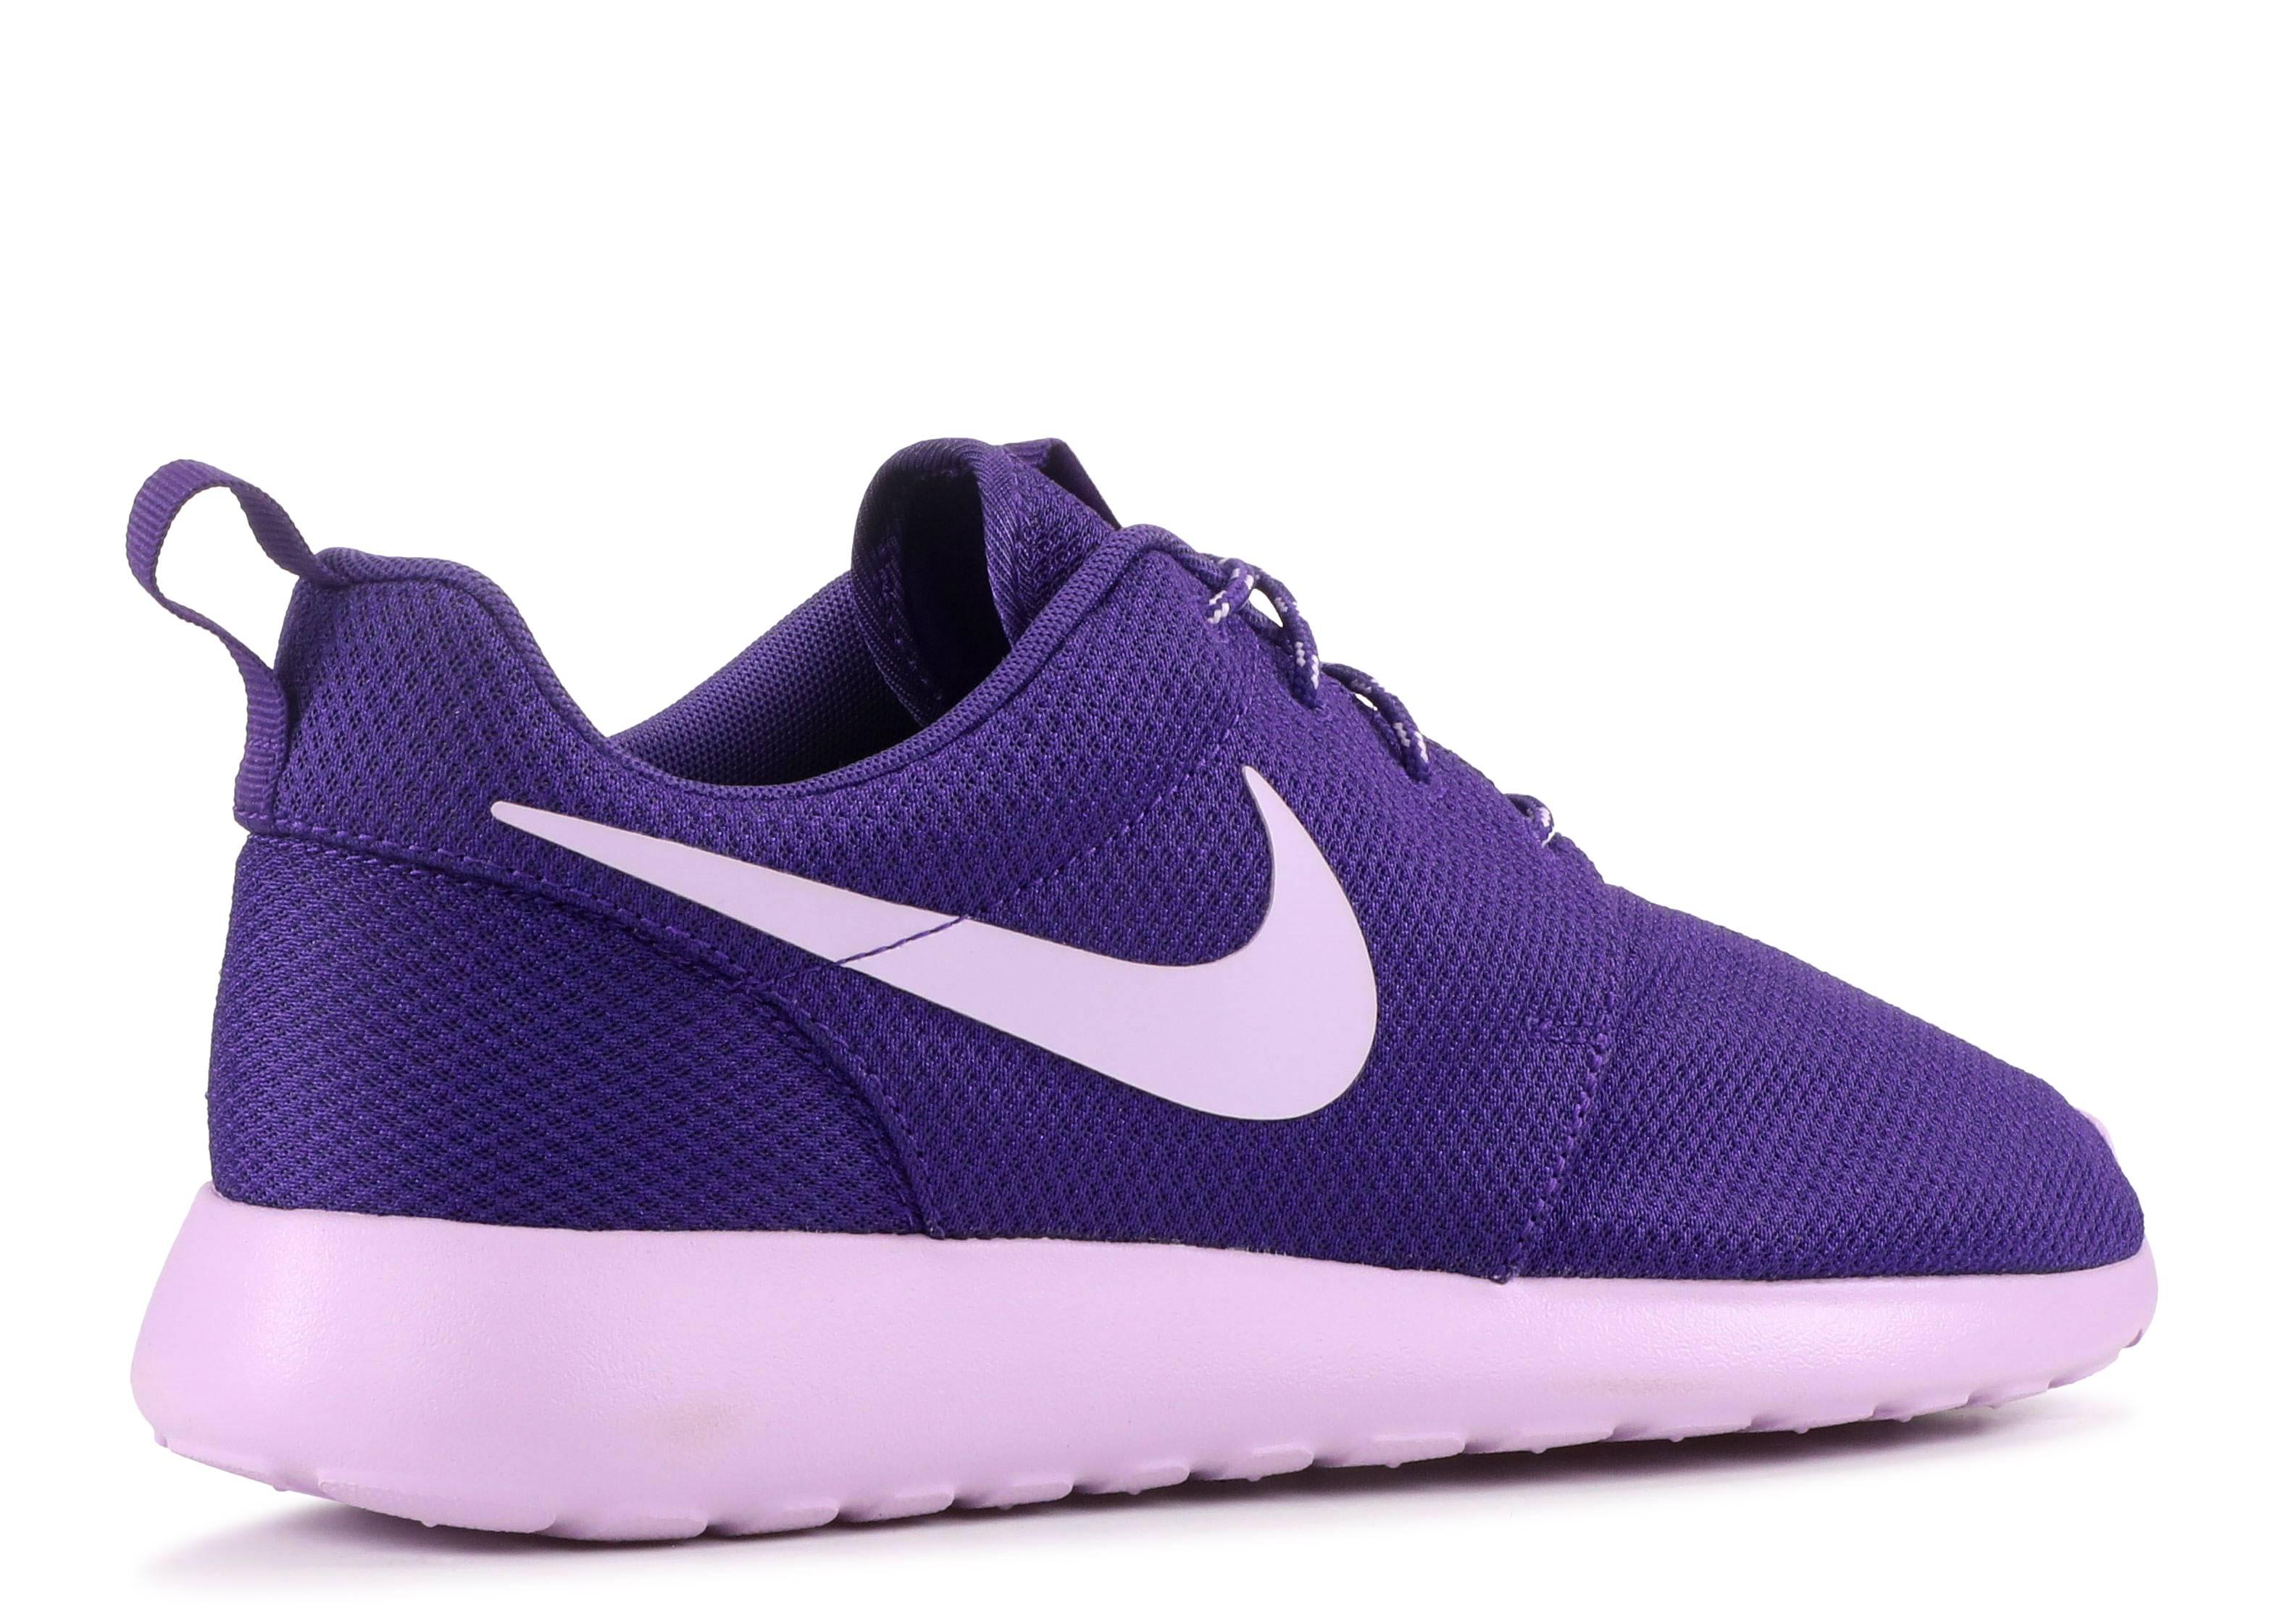 W's Rosherun Nike 511882 503 court purpleviolet wash